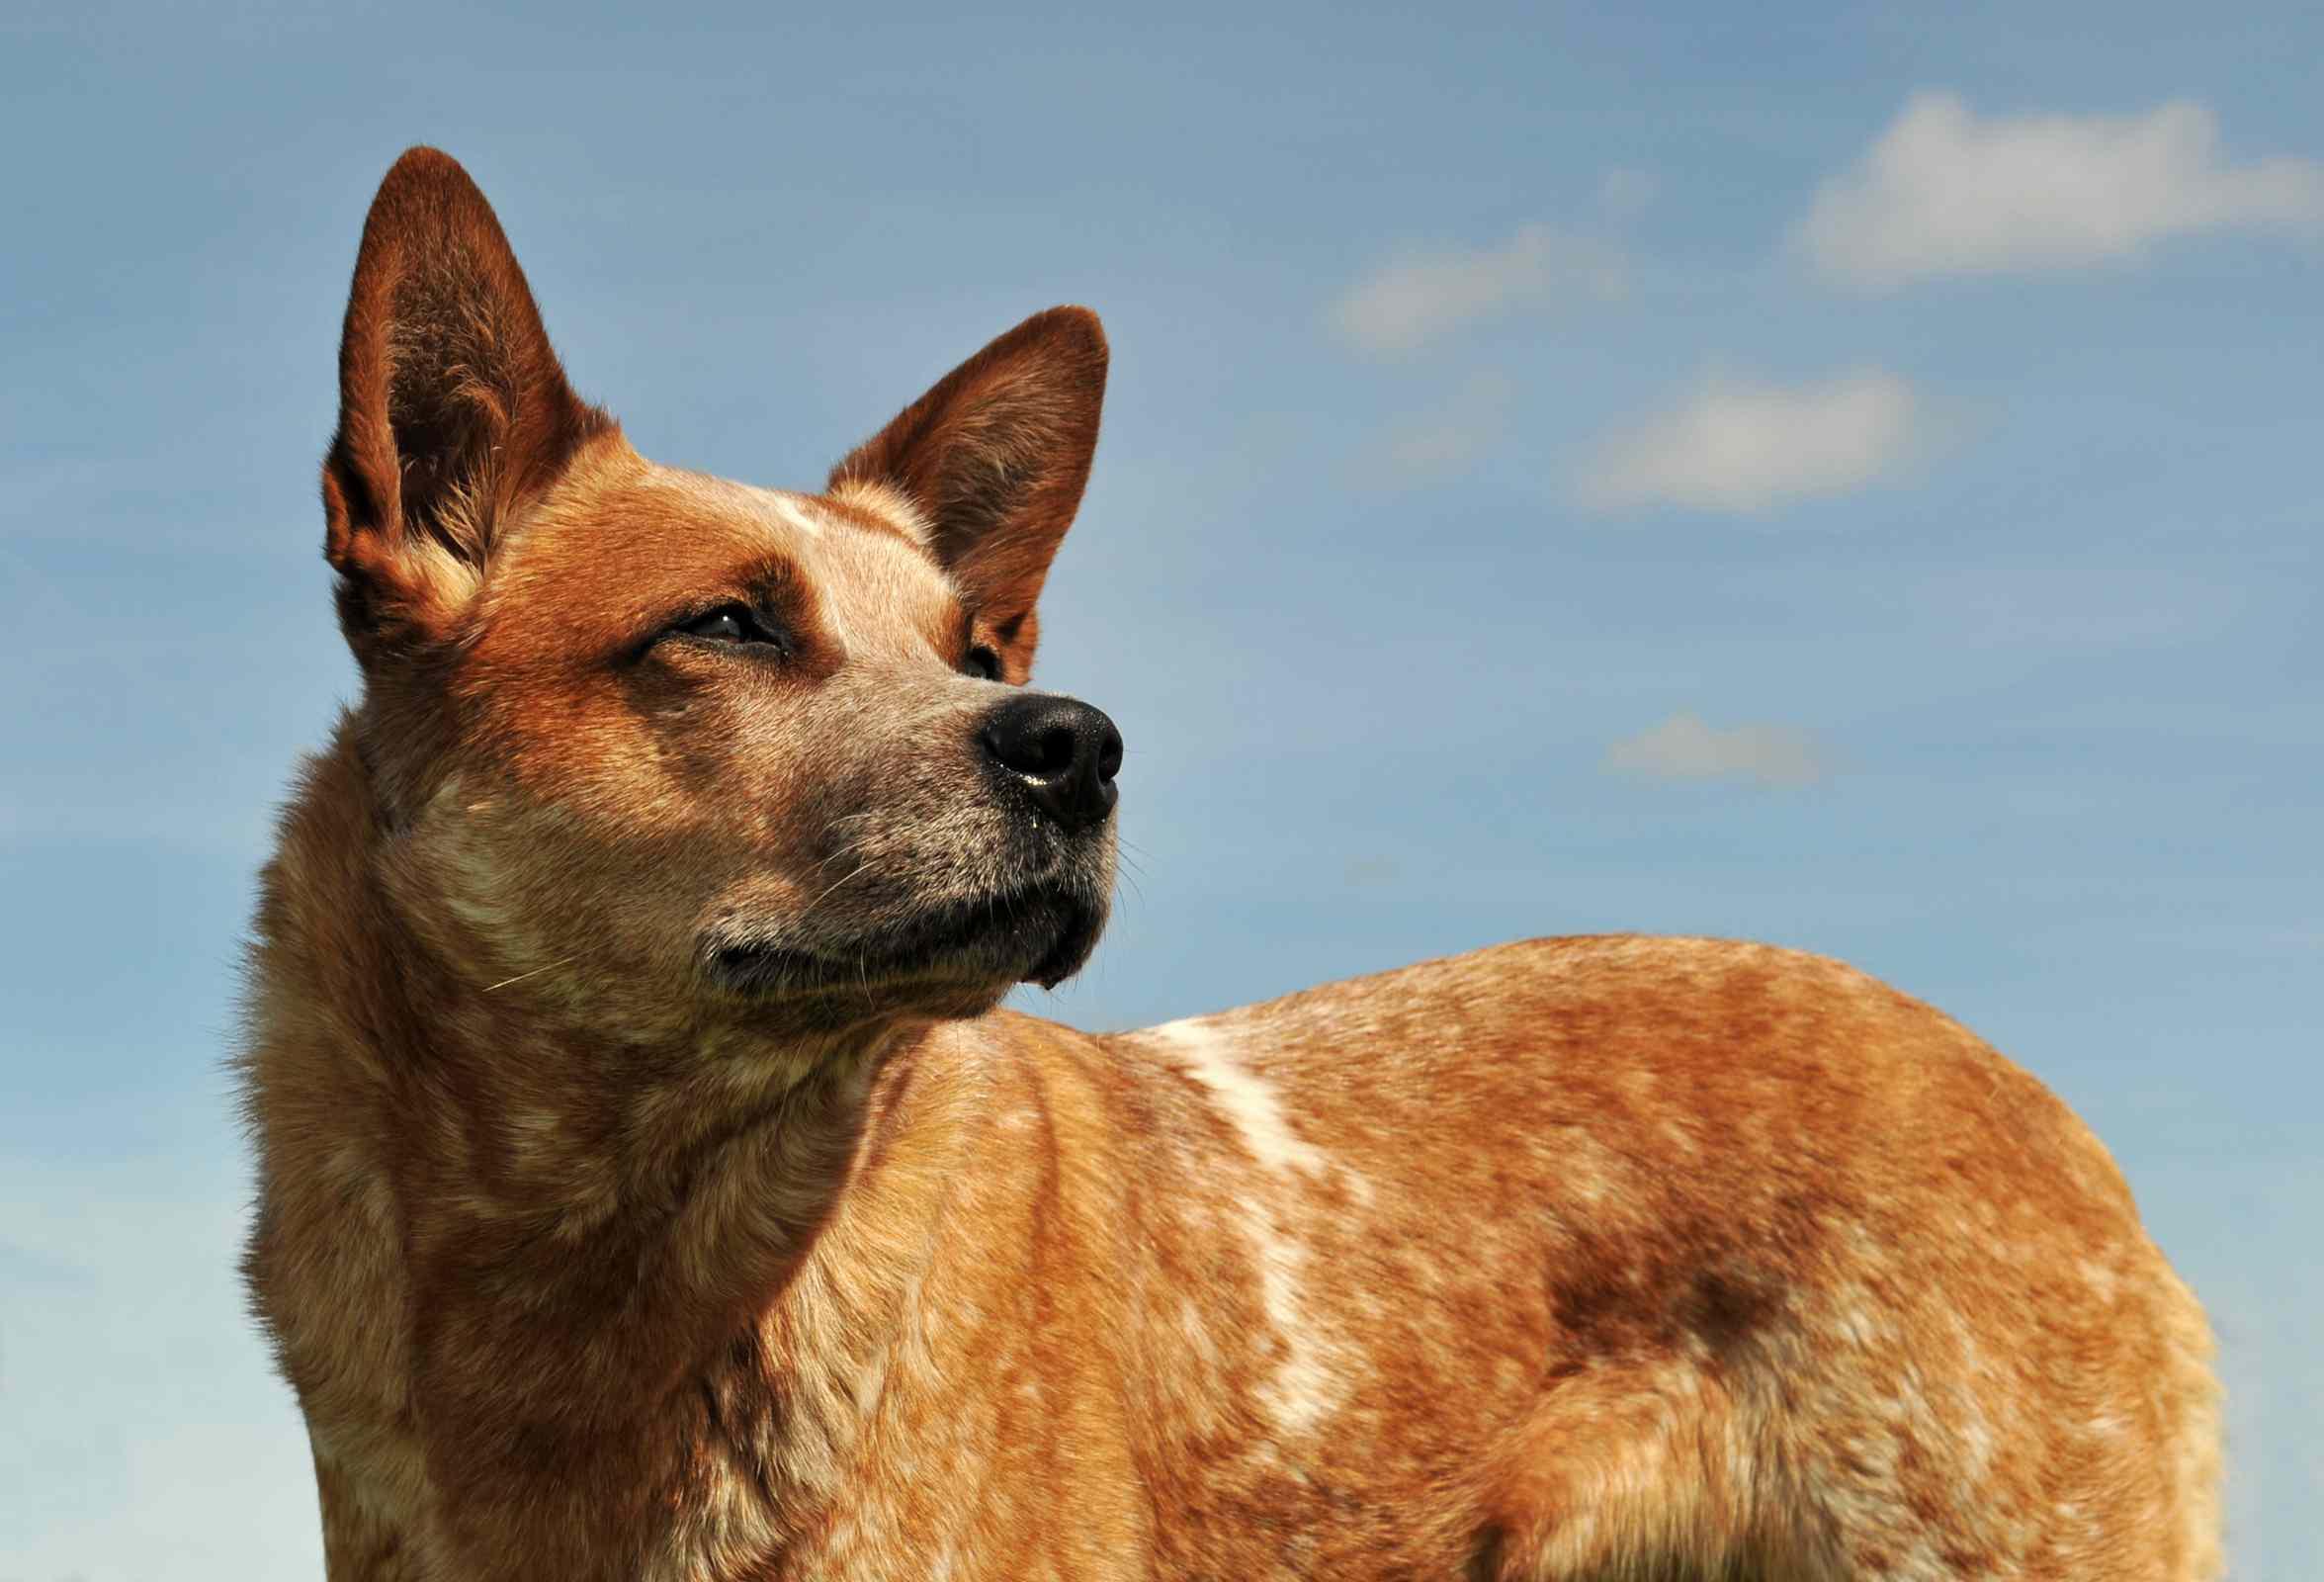 Red Australian cattle dog